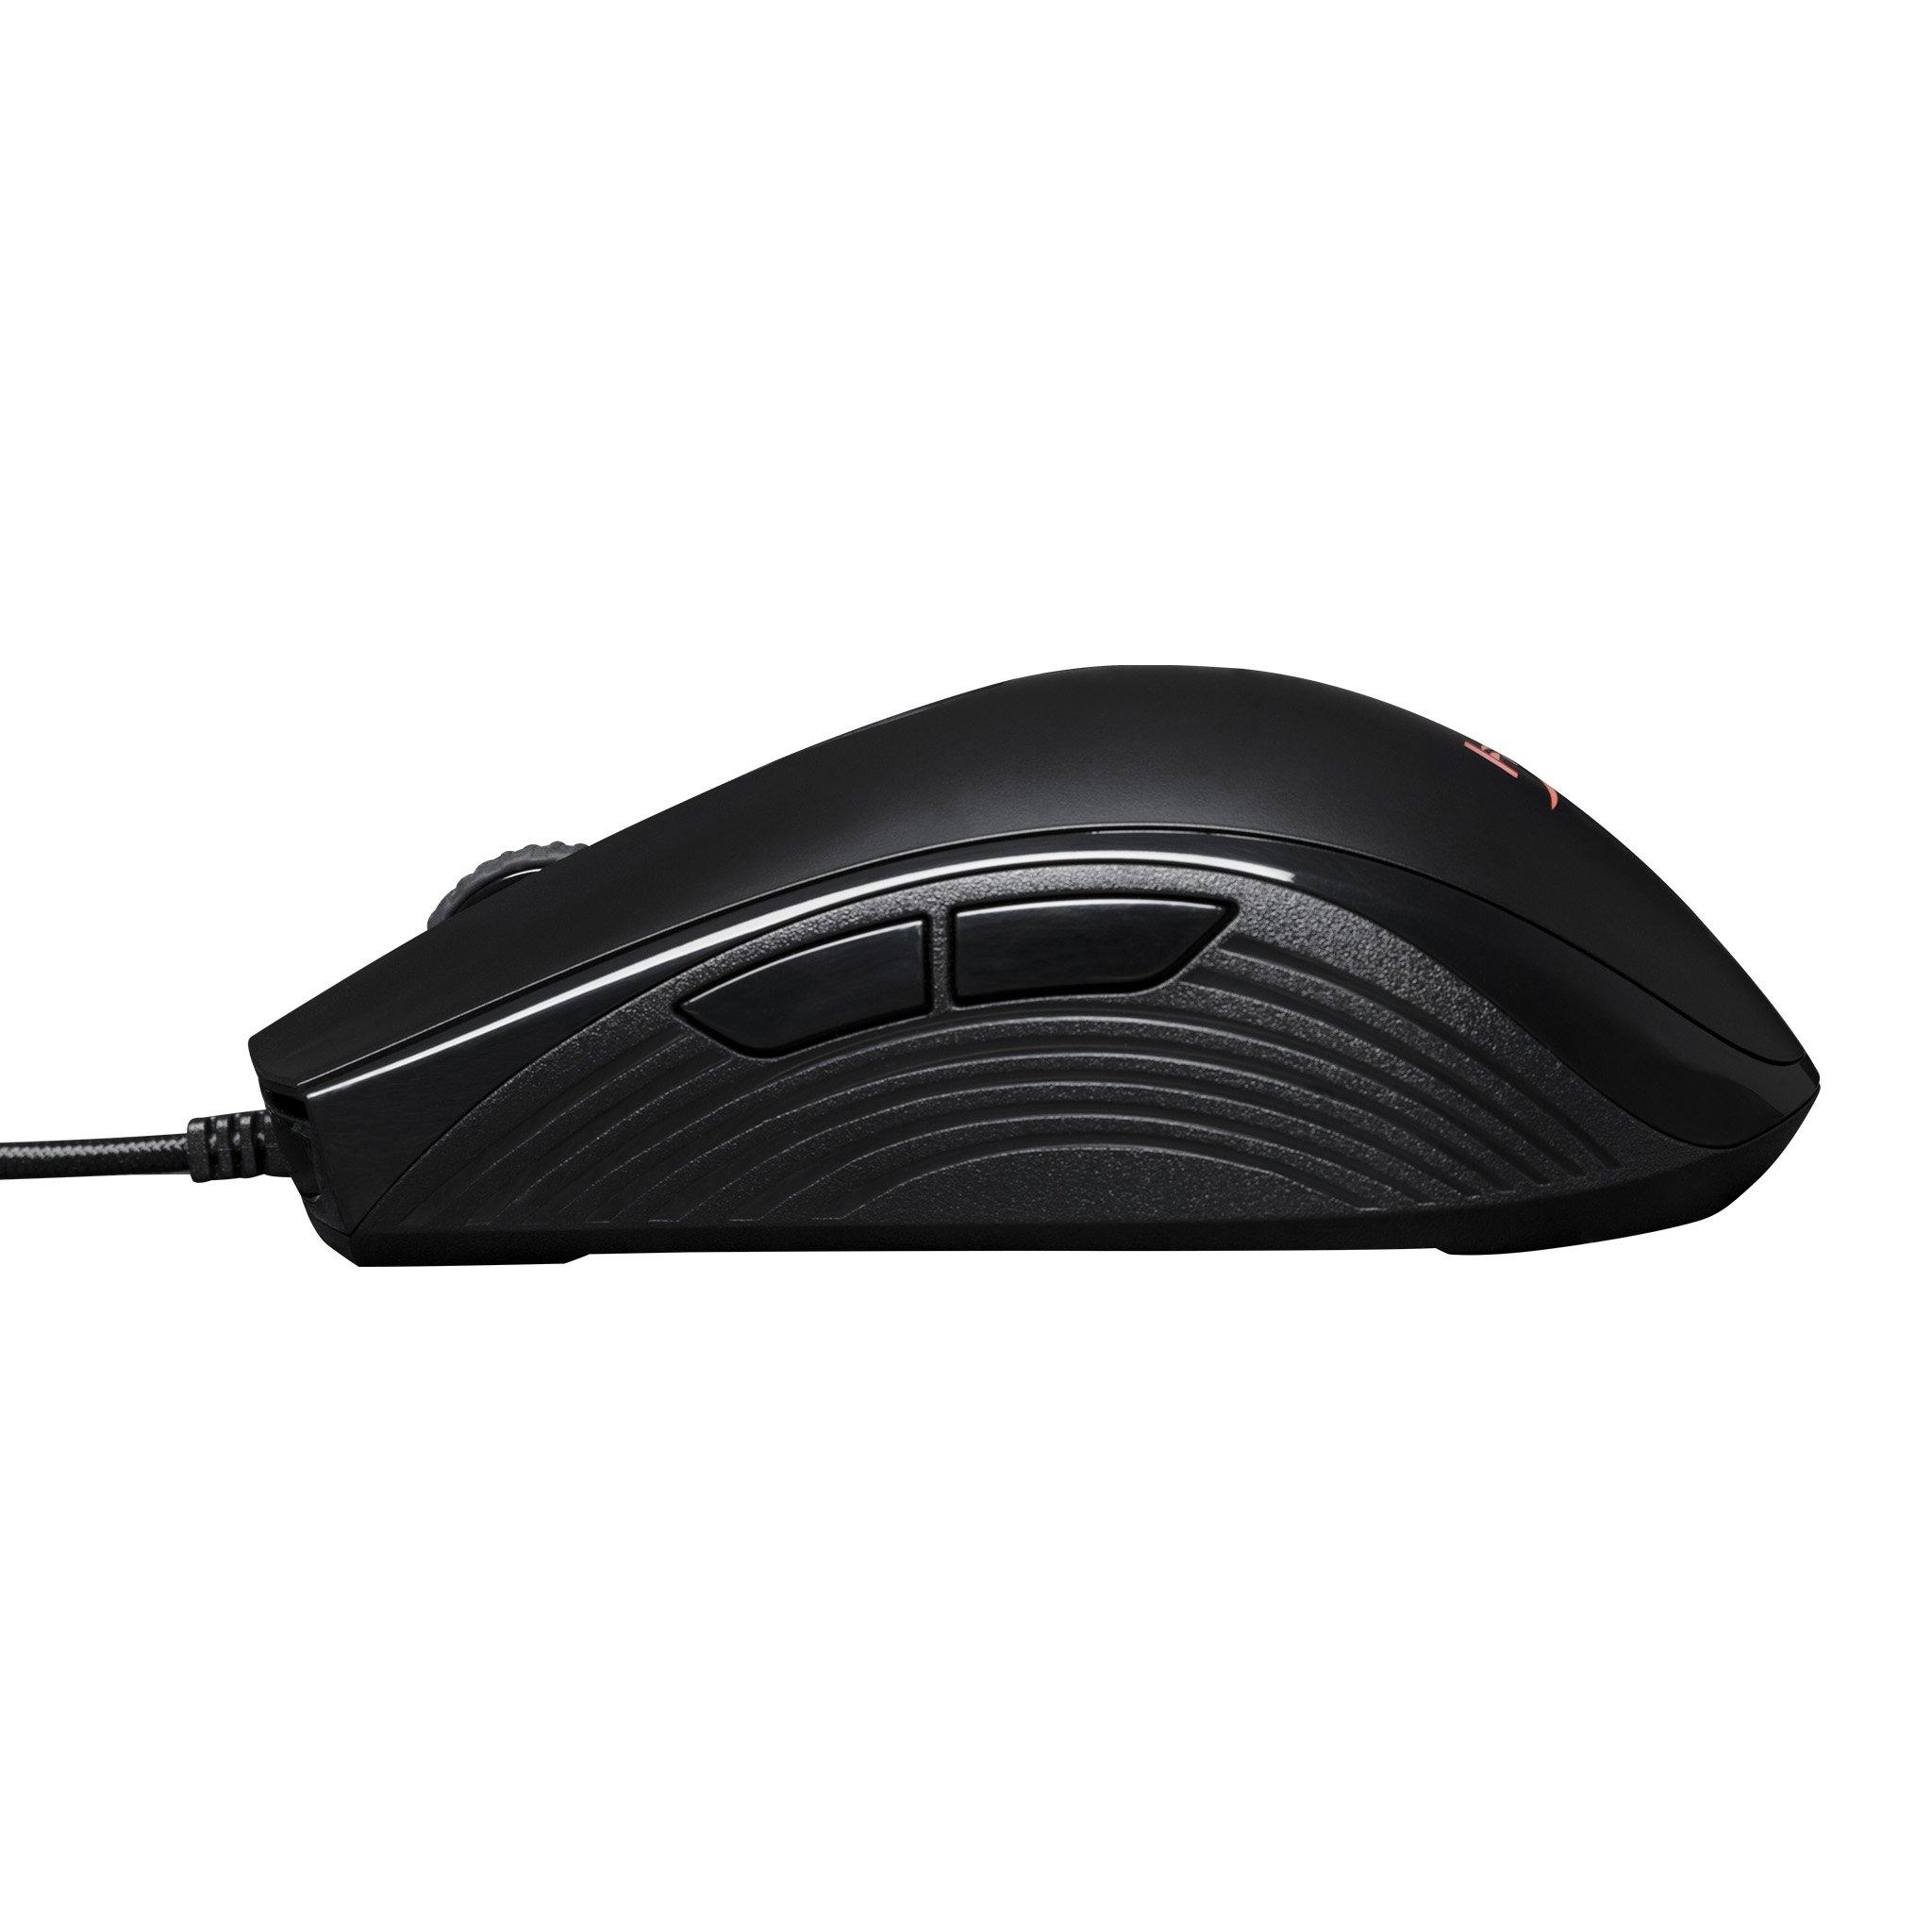 HyperX Pulsefire Core herní myš - HX-MC004B